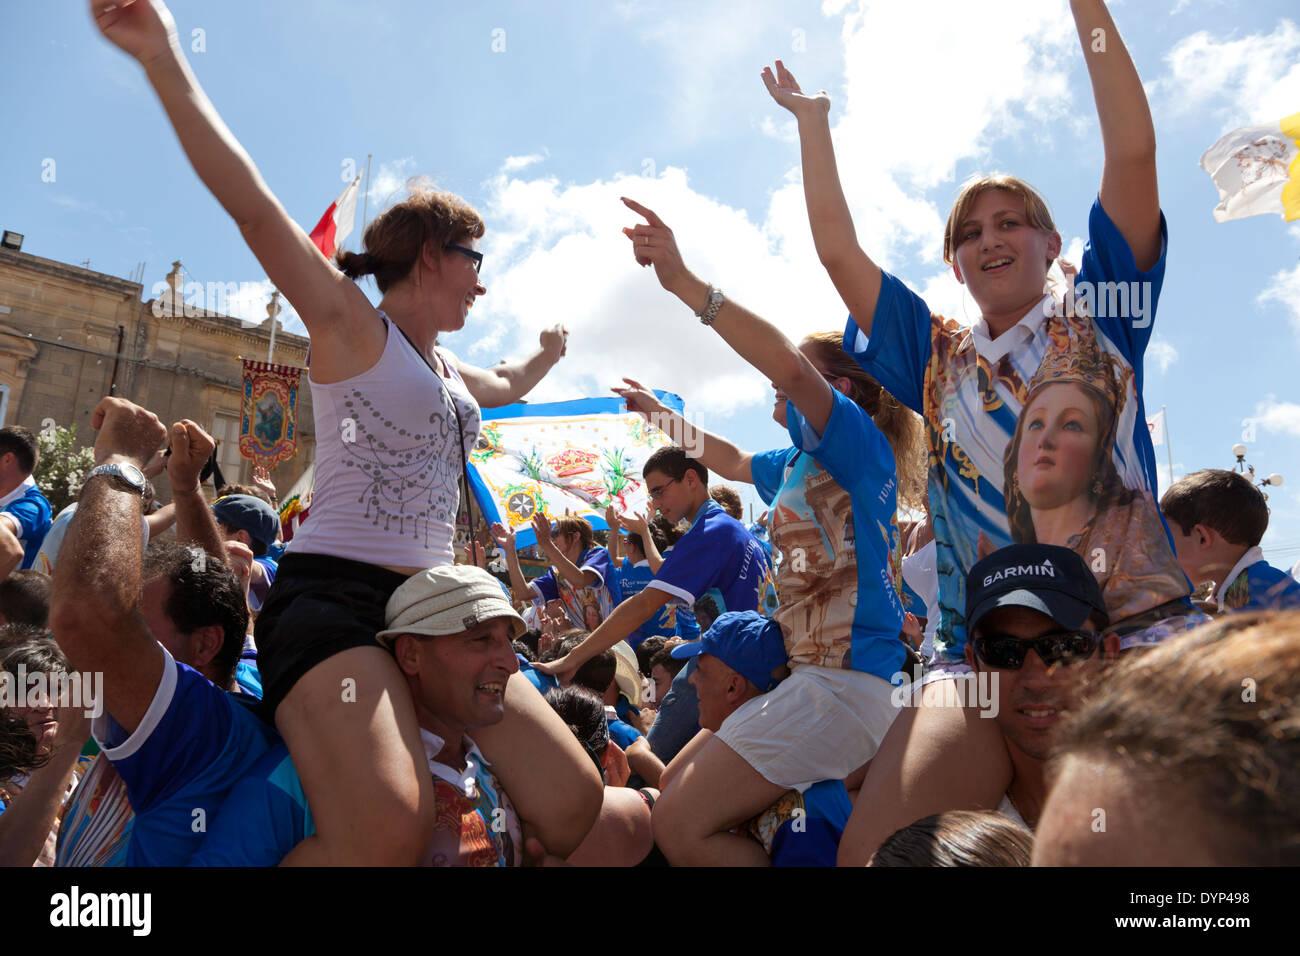 La danse des fêtards aux thèmes de la paroisse de la ville sainte qui sont joués par l'orchestre au cours de la ville fête catholique, Malte Photo Stock